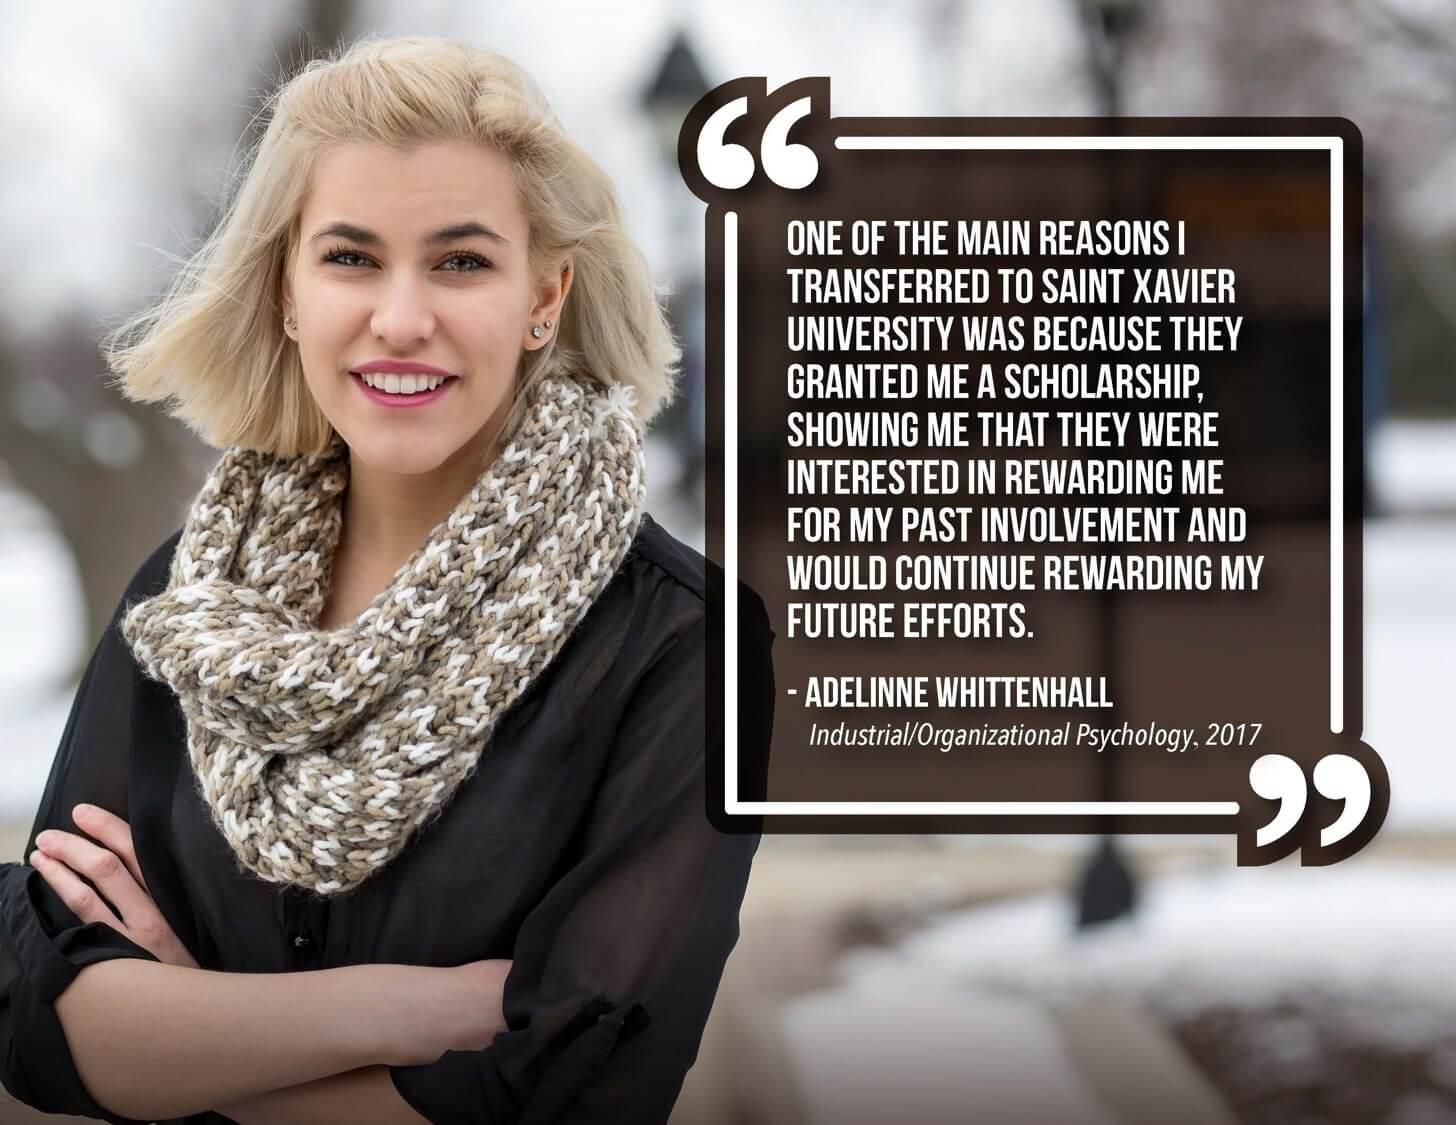 Adelinne Whittenhall